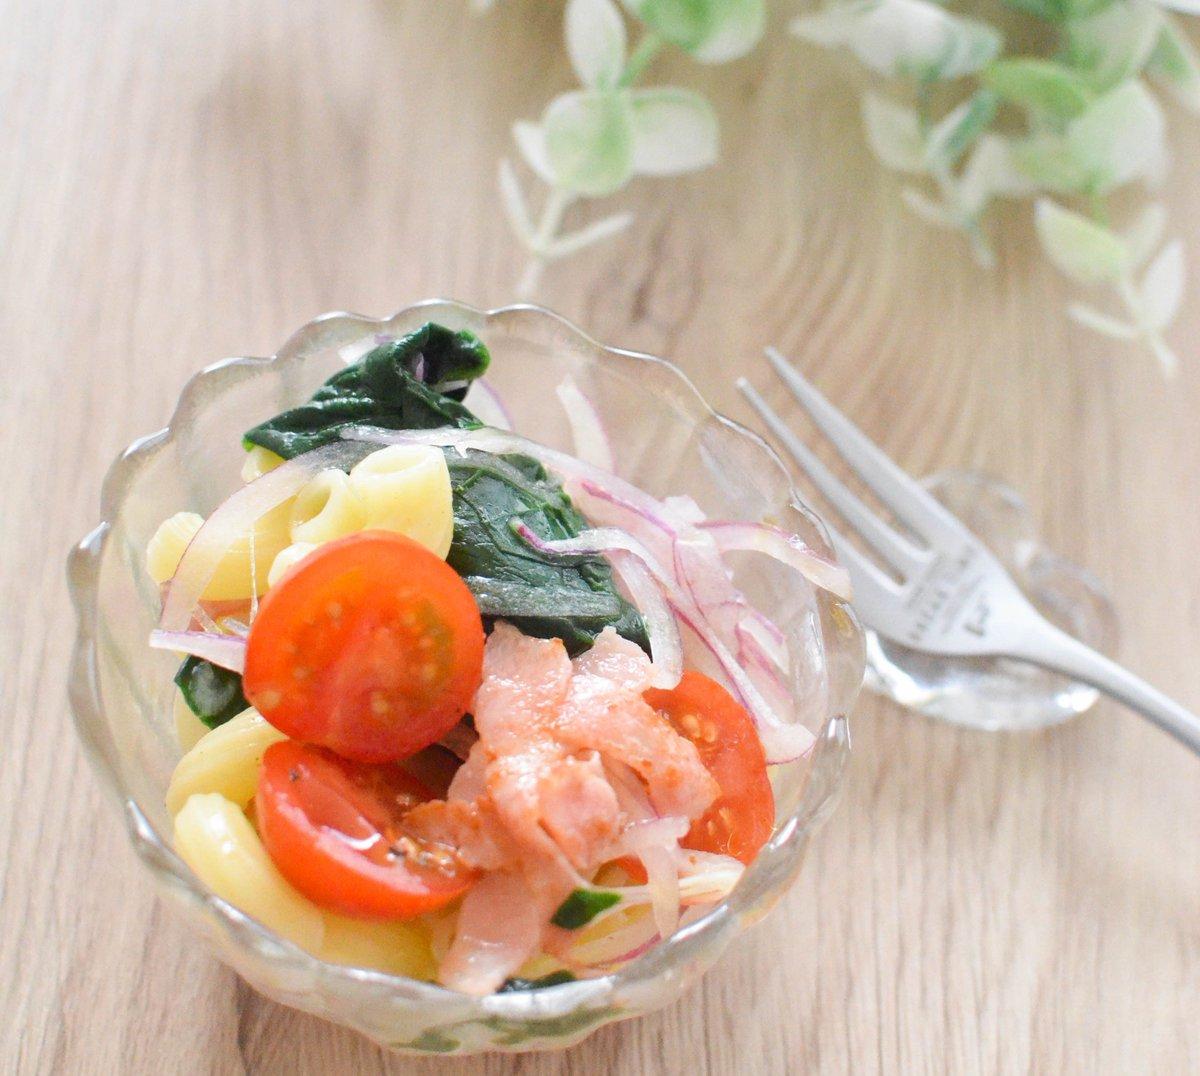 ほうれん草のマカロニサラダ | うだま飯 meshi.udama.jp/macaroni/